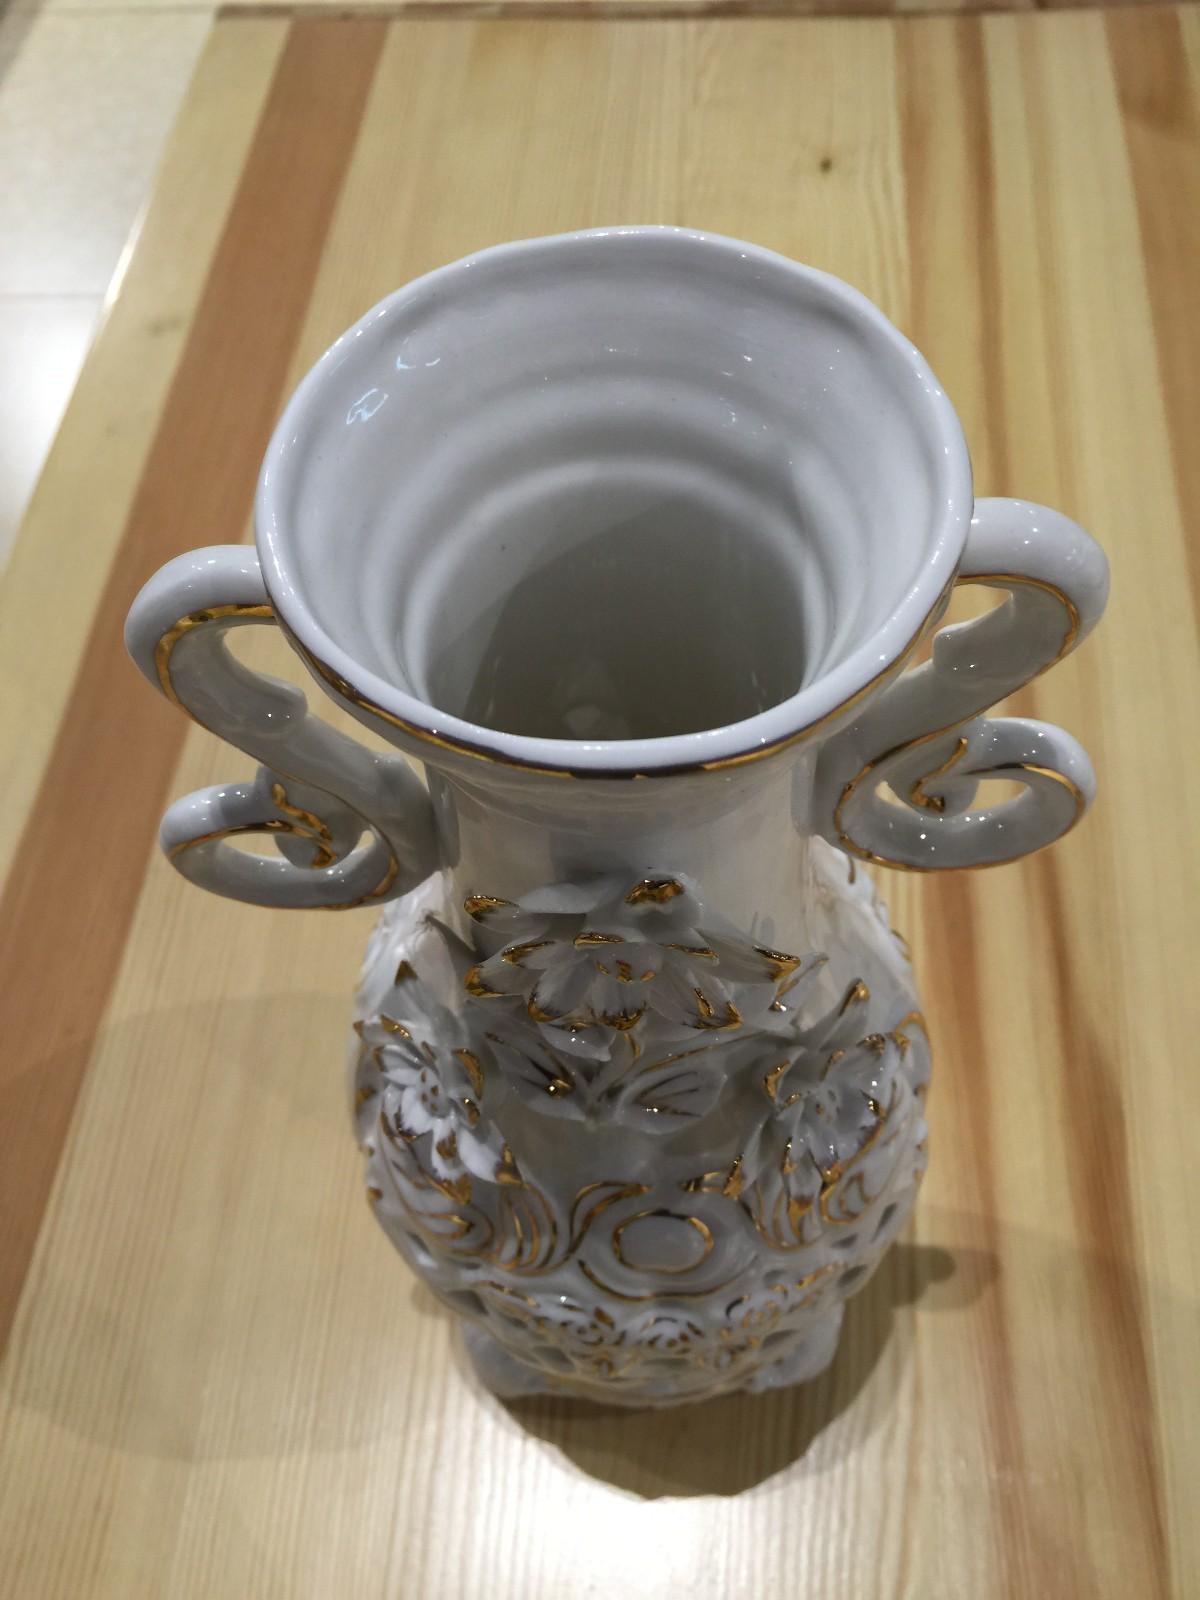 俄罗斯陶瓷工艺品 玫瑰花瓶图片五